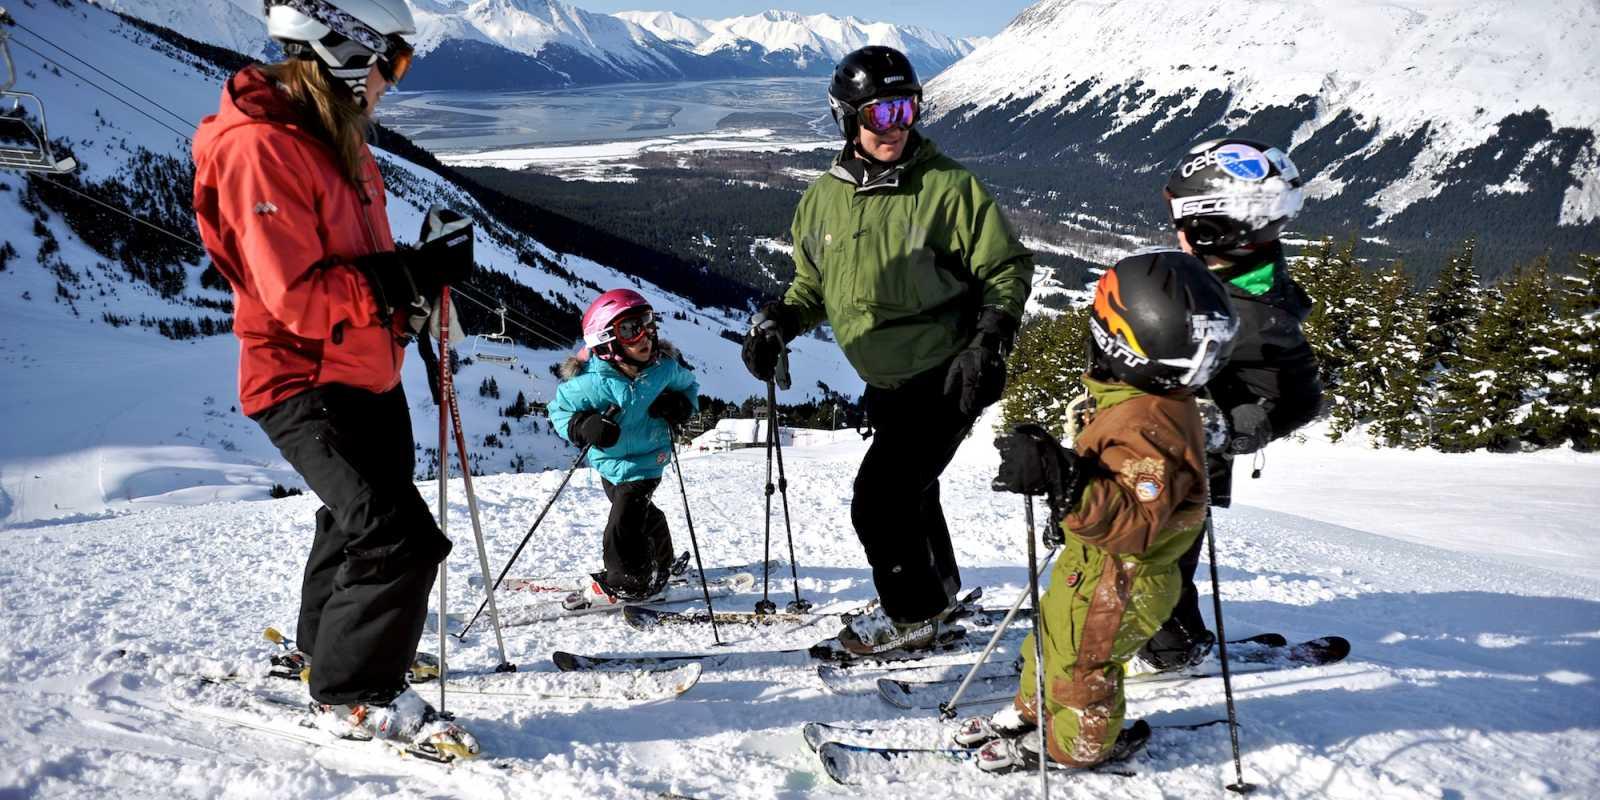 Anchorage skiing at Alyeska Resort